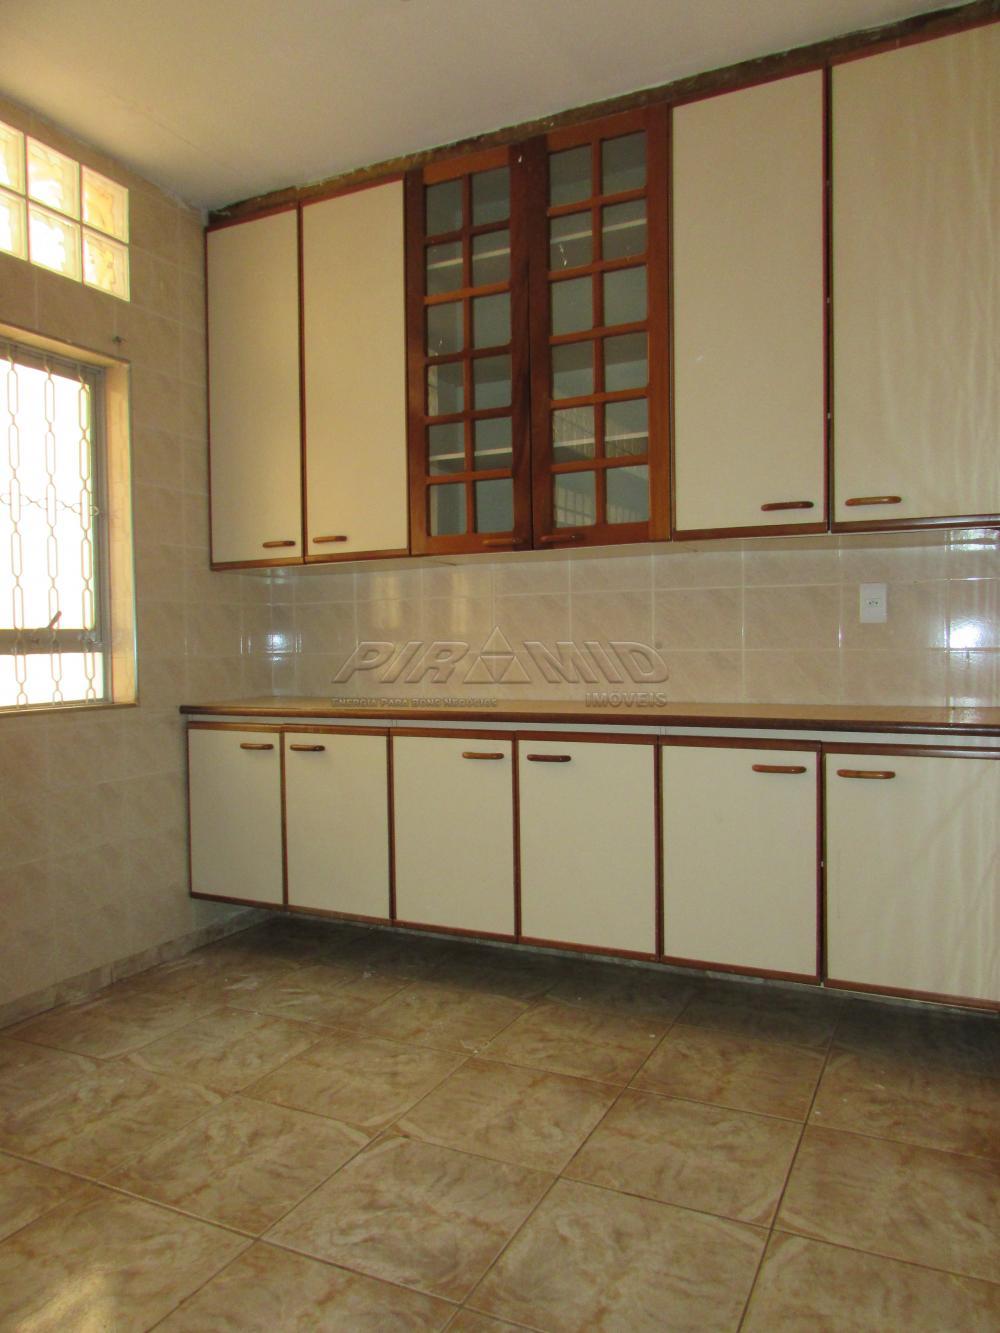 Alugar Casa / Padrão em Ribeirão Preto apenas R$ 3.000,00 - Foto 15